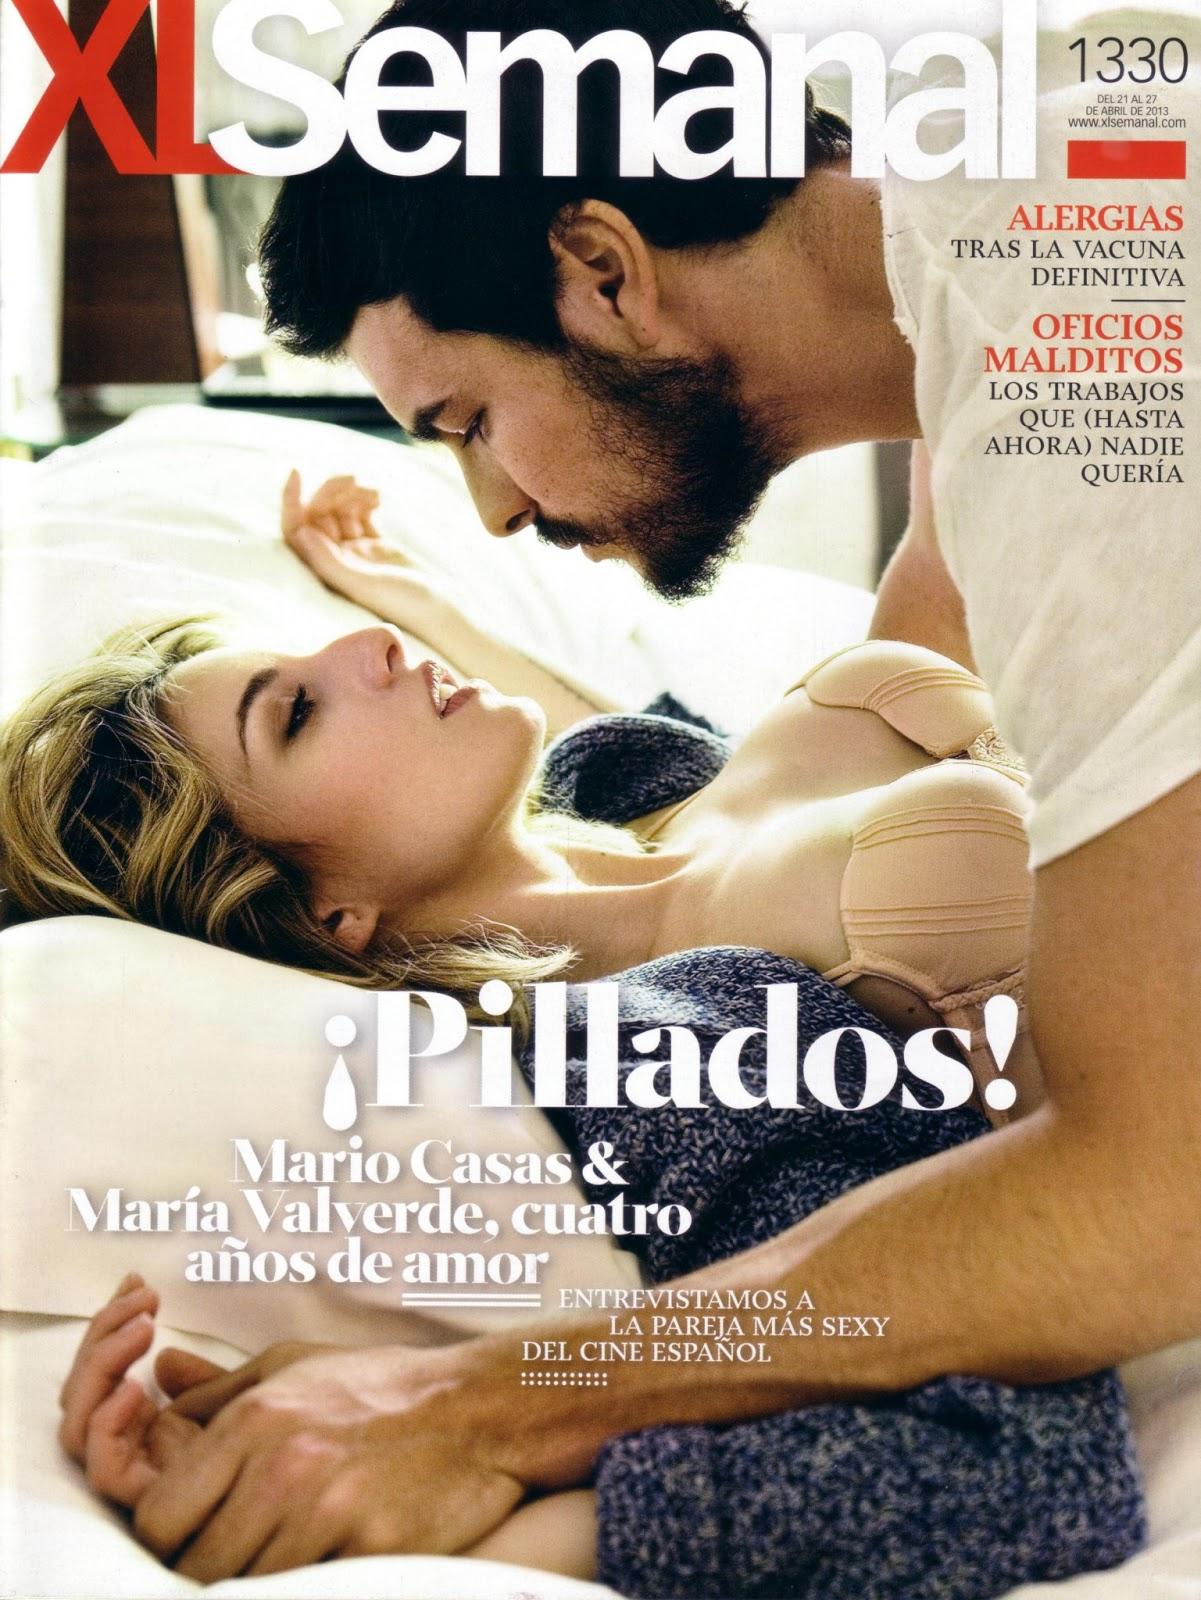 Mario Casas: Mario Casas y María Valverde en XLSemanal